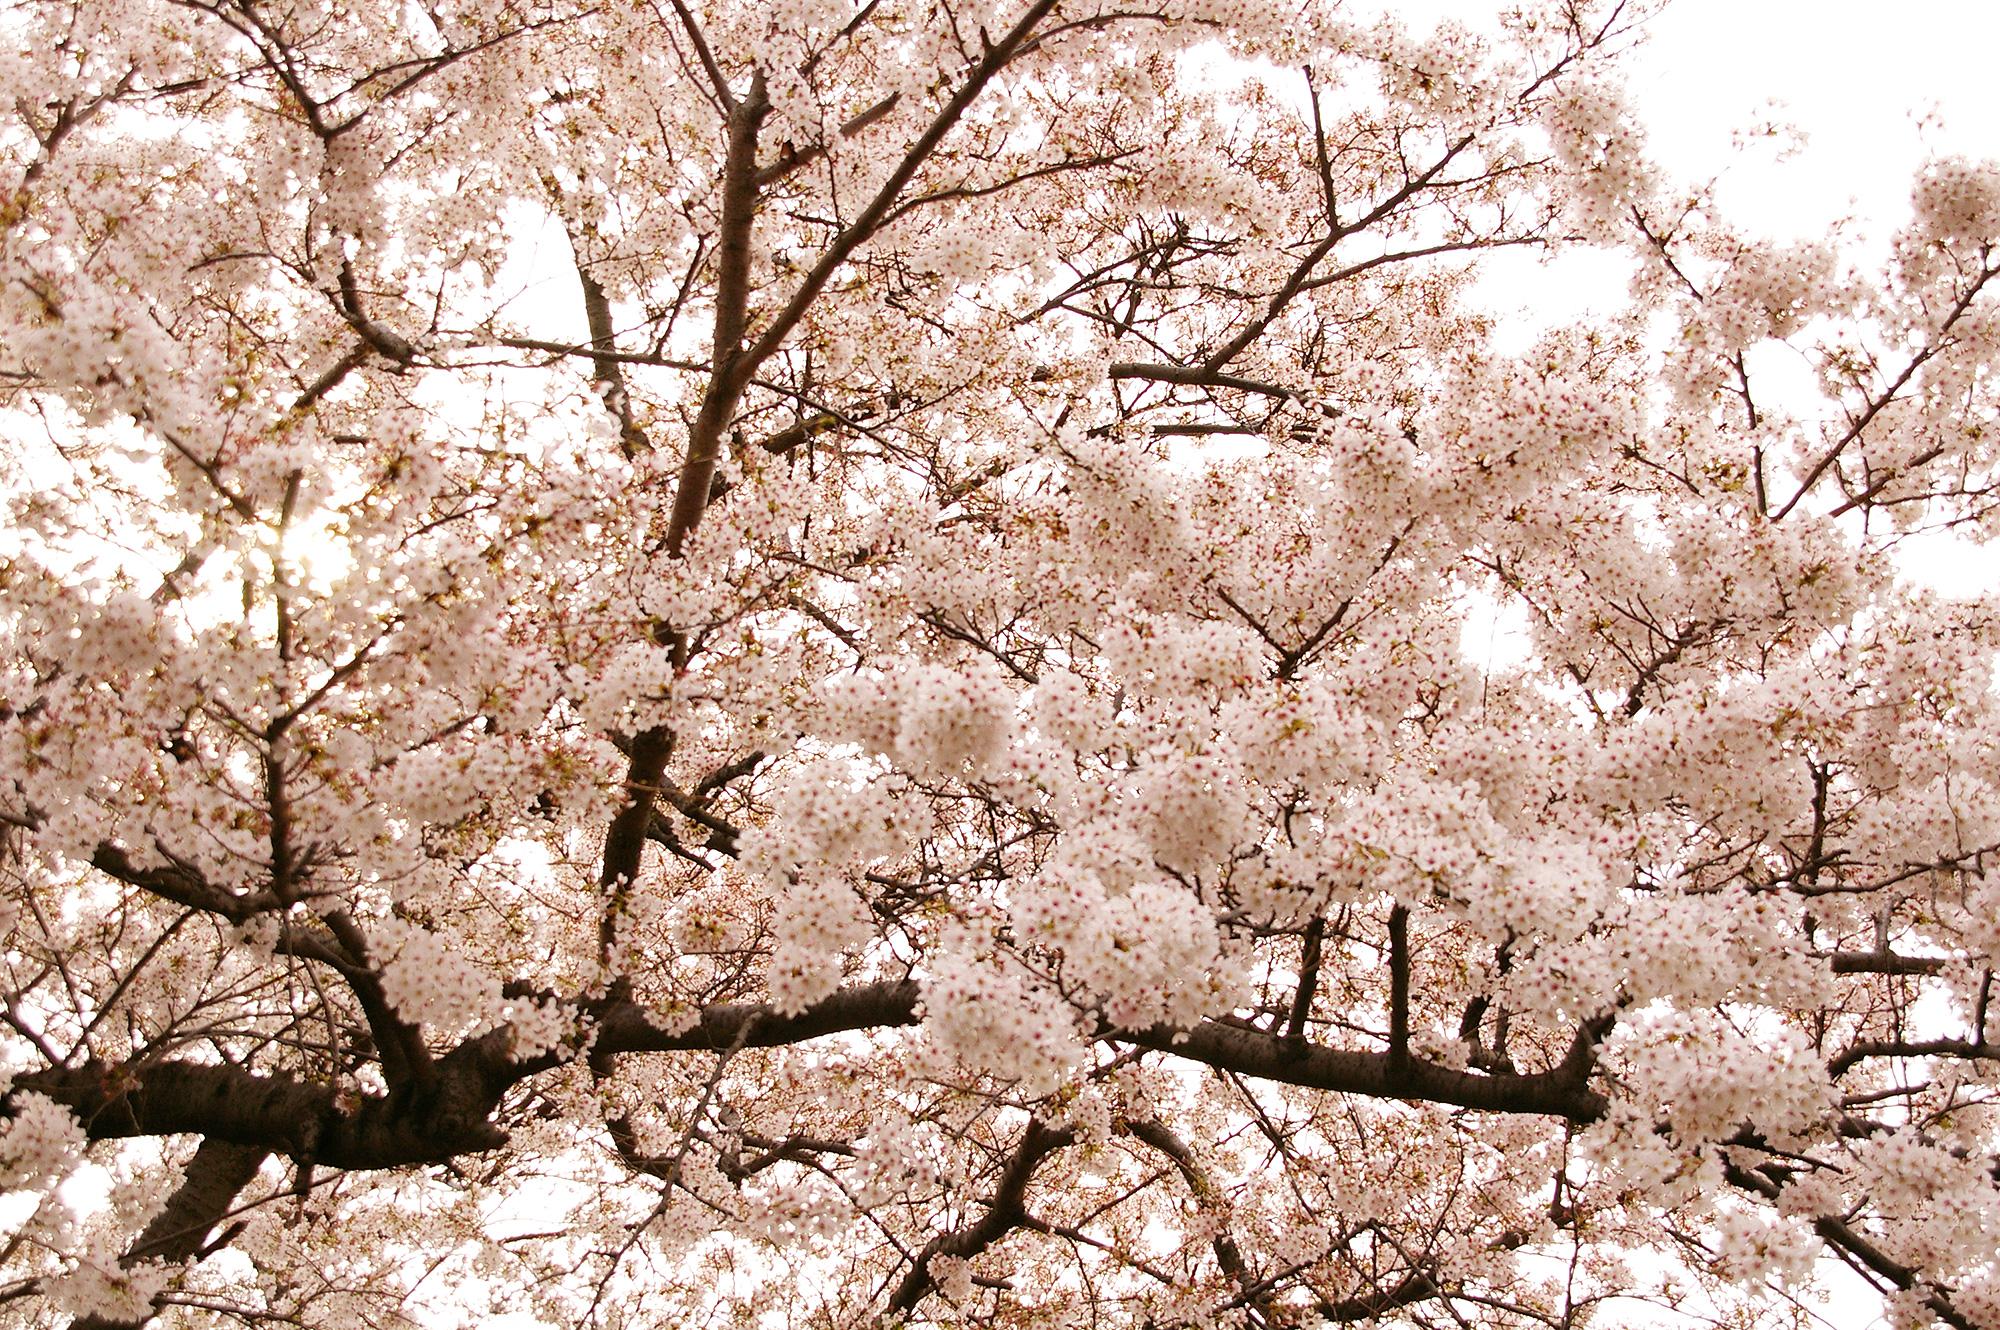 満開の桜の写真のフリー素材